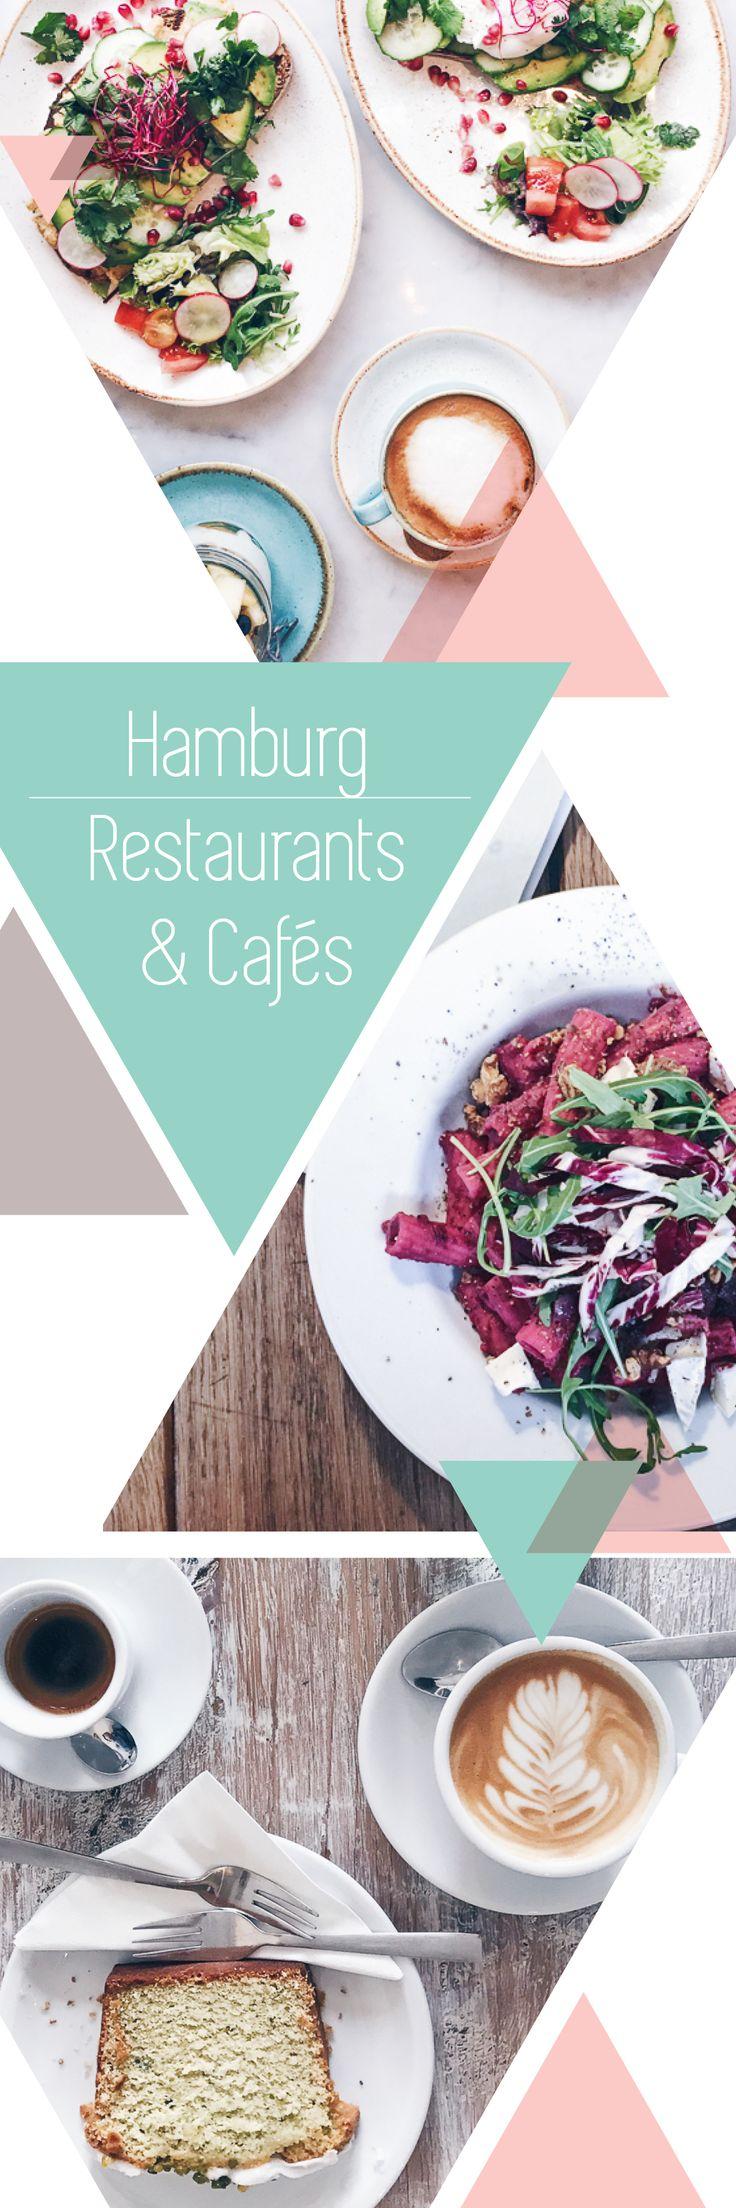 Essen gehen in hamburg meine tipps für gesunde restaurants und cafés teil 22